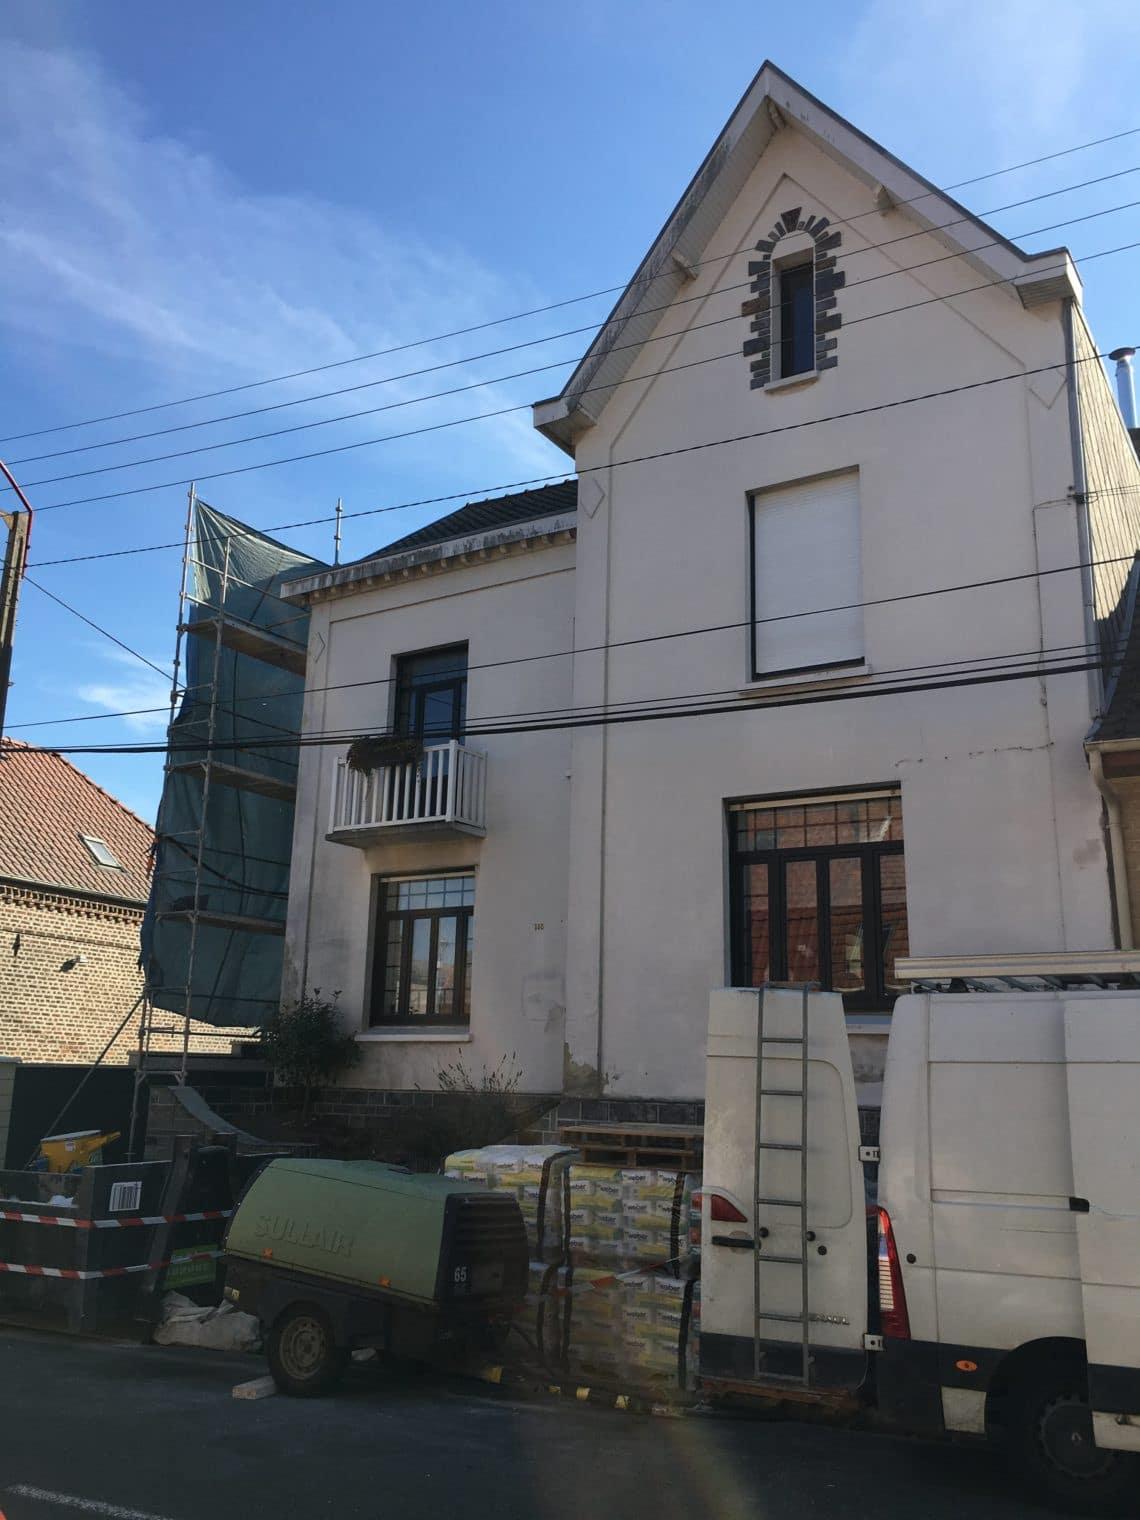 Urbel_renovation_facade_calonne_ricouart-6-1140x1520.jpg